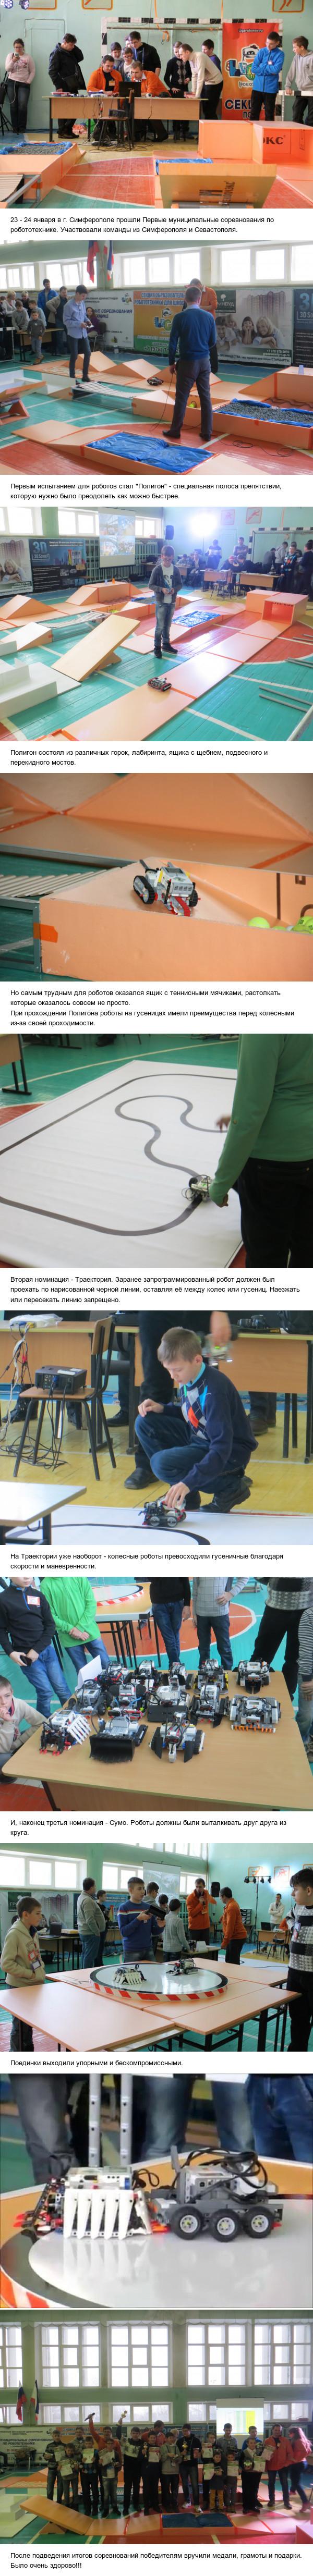 Мои первые соревнования по робототехнике (Крым, г. Симферополь) Lego, Lego Mindstorms, Соревнования роботов, Робототехника, Длиннопост